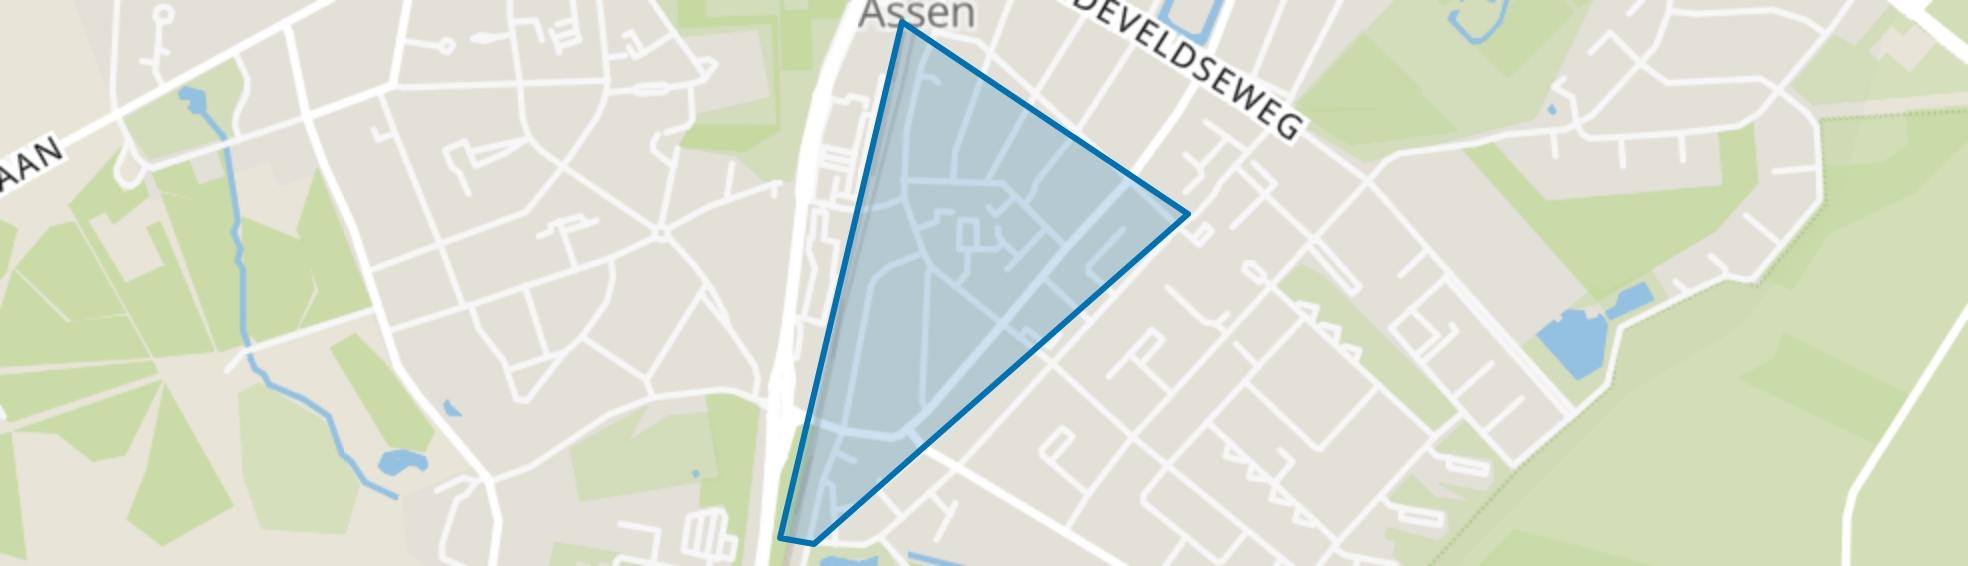 De Dorpen, Assen map